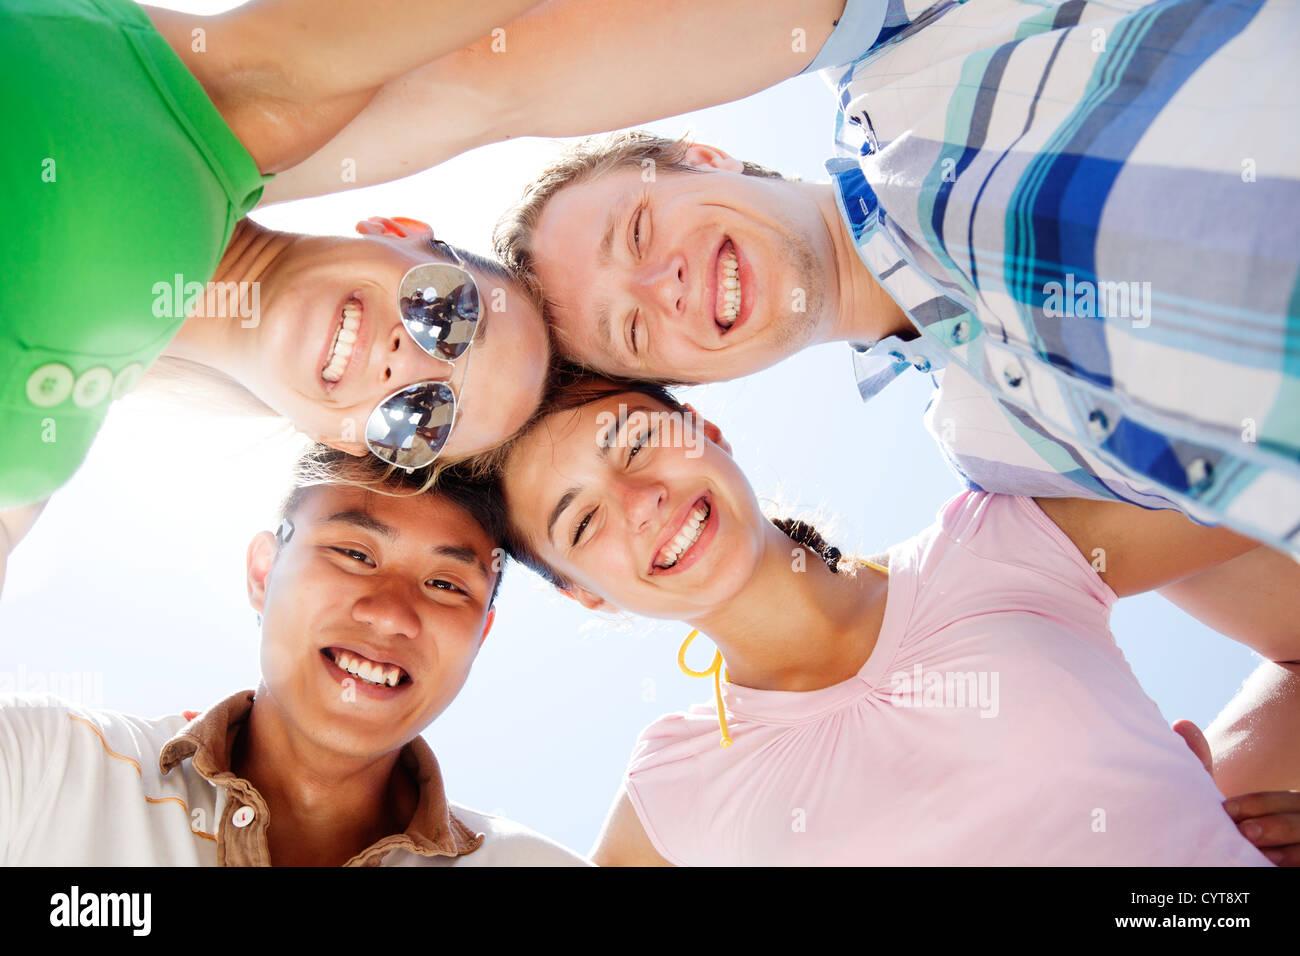 Grupo de jóvenes divirtiéndose Imagen De Stock